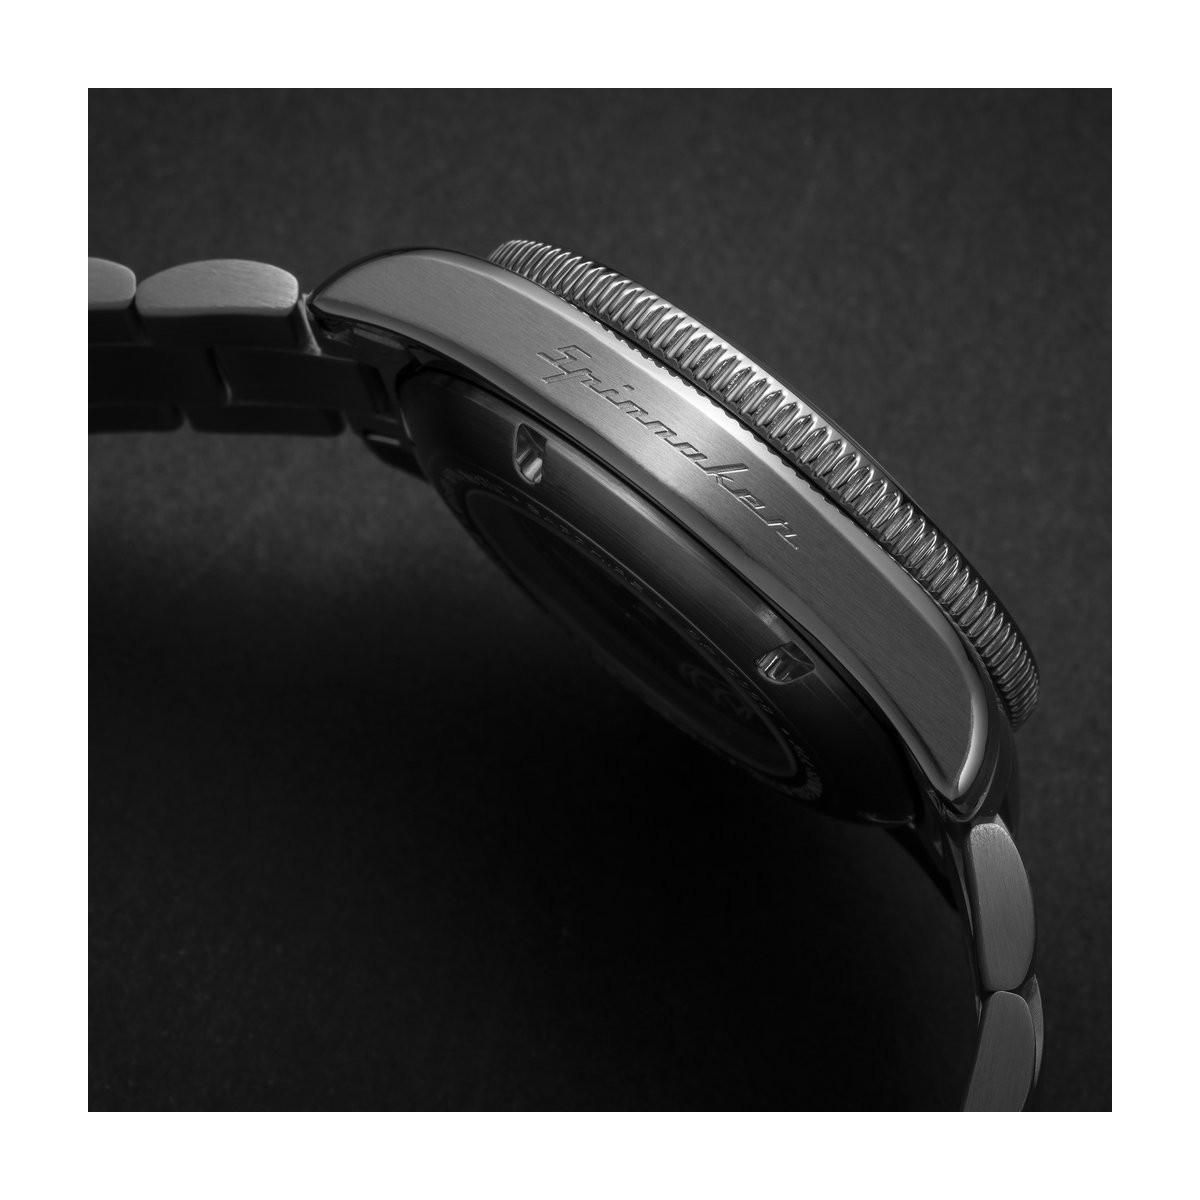 Montre Spinnaker Croft  Automatique Cadran noir - SP-5058-22